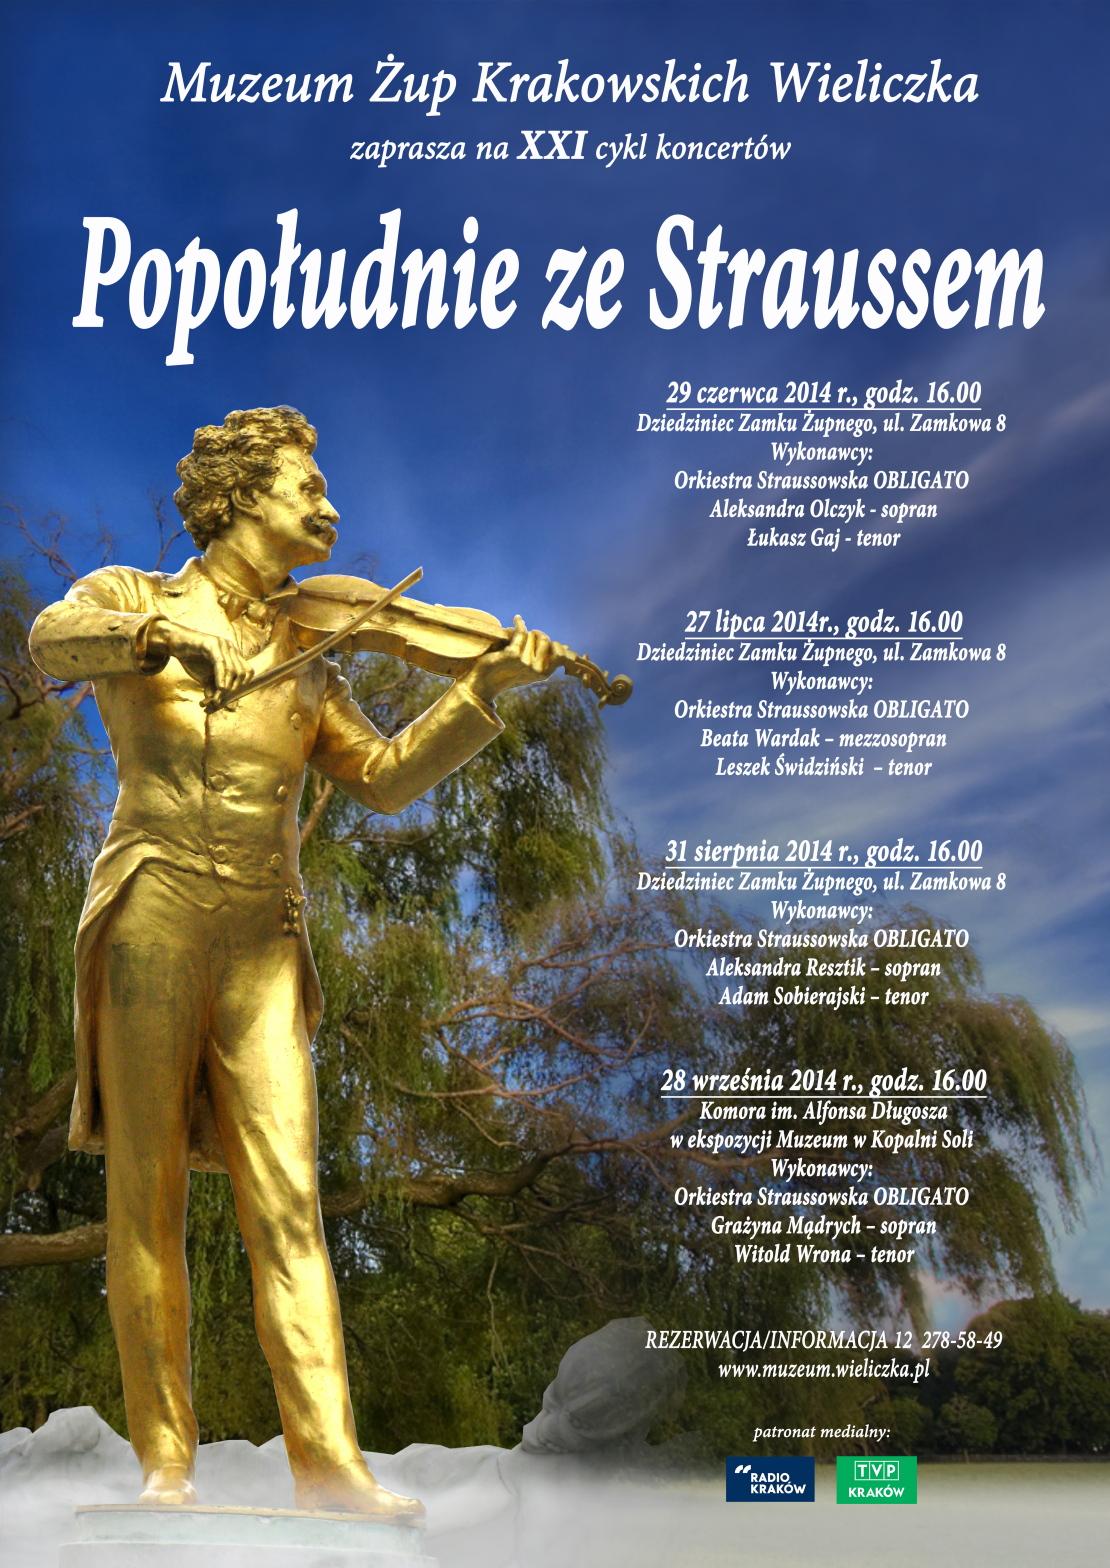 Plakat Strauss 2014, Muzeum Żup Krakowskich Wieliczka